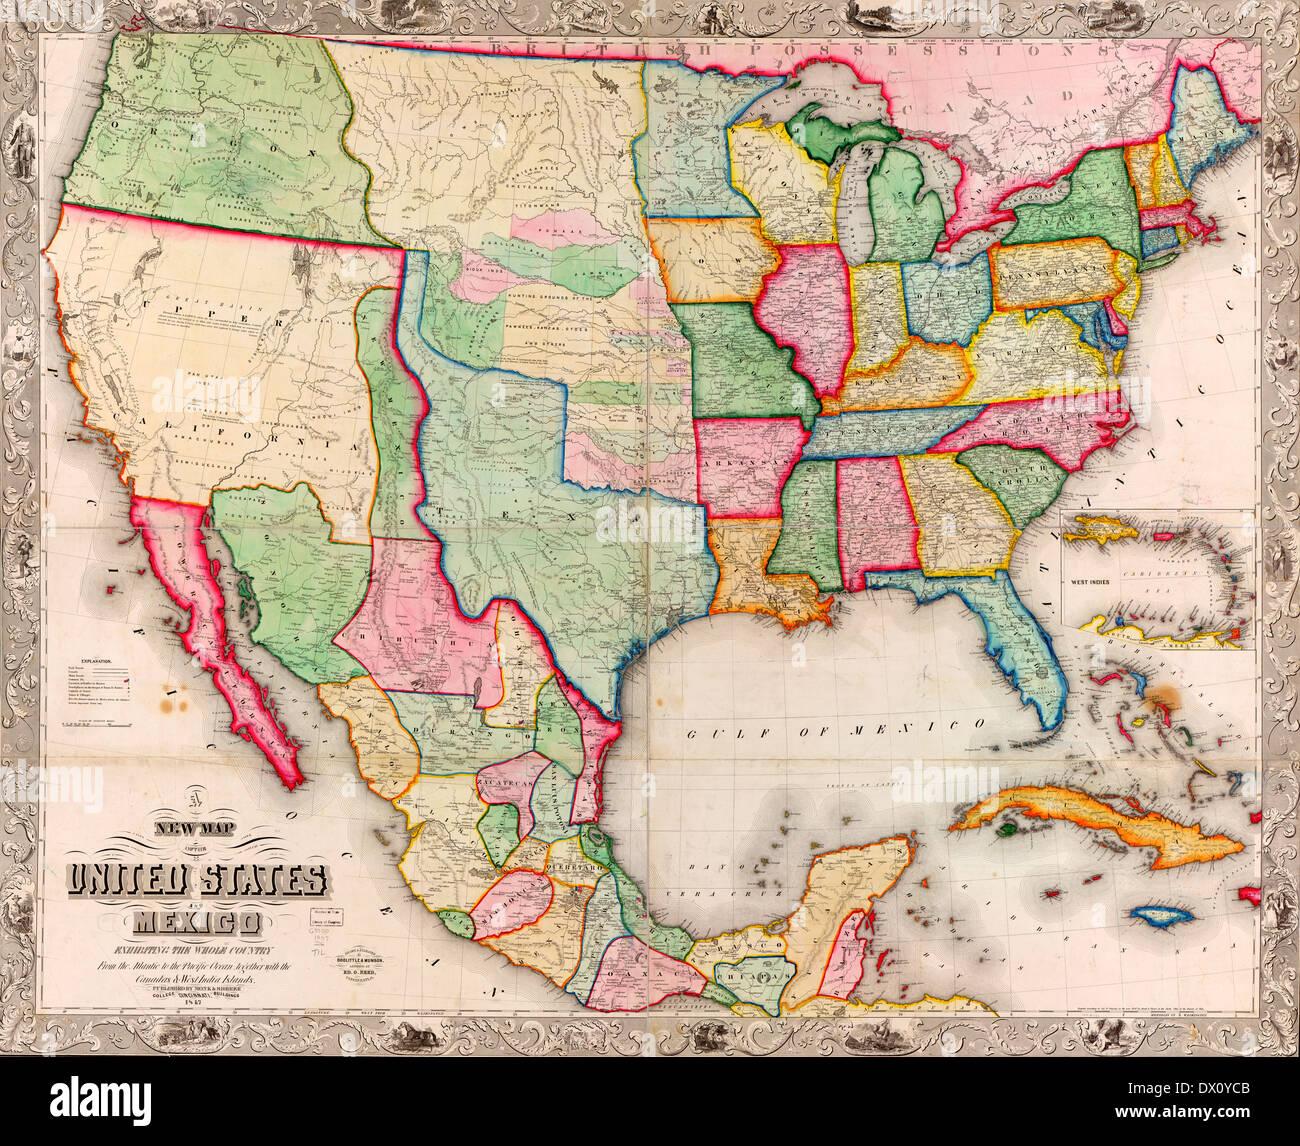 Mexiko Staaten Karte.Neue Karte Von Den Vereinigten Staaten Und Mexiko 1847 Pre